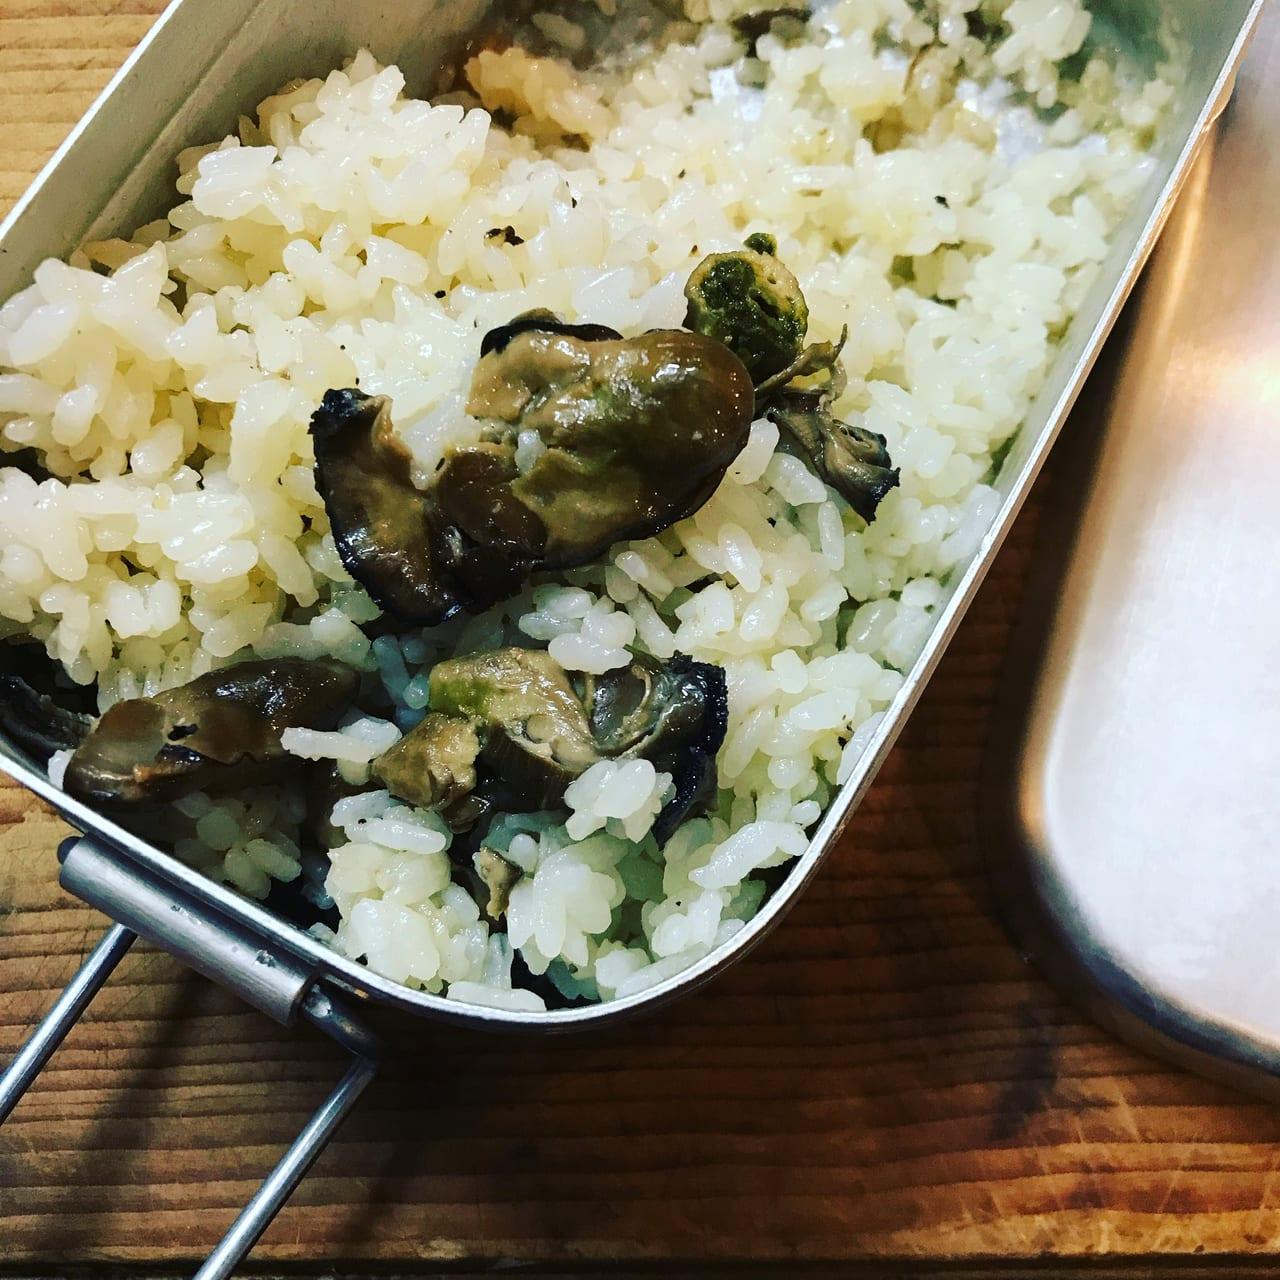 缶詰を丸ごと入れるだけ!超簡単メスティン炊き込みご飯レシピ4選